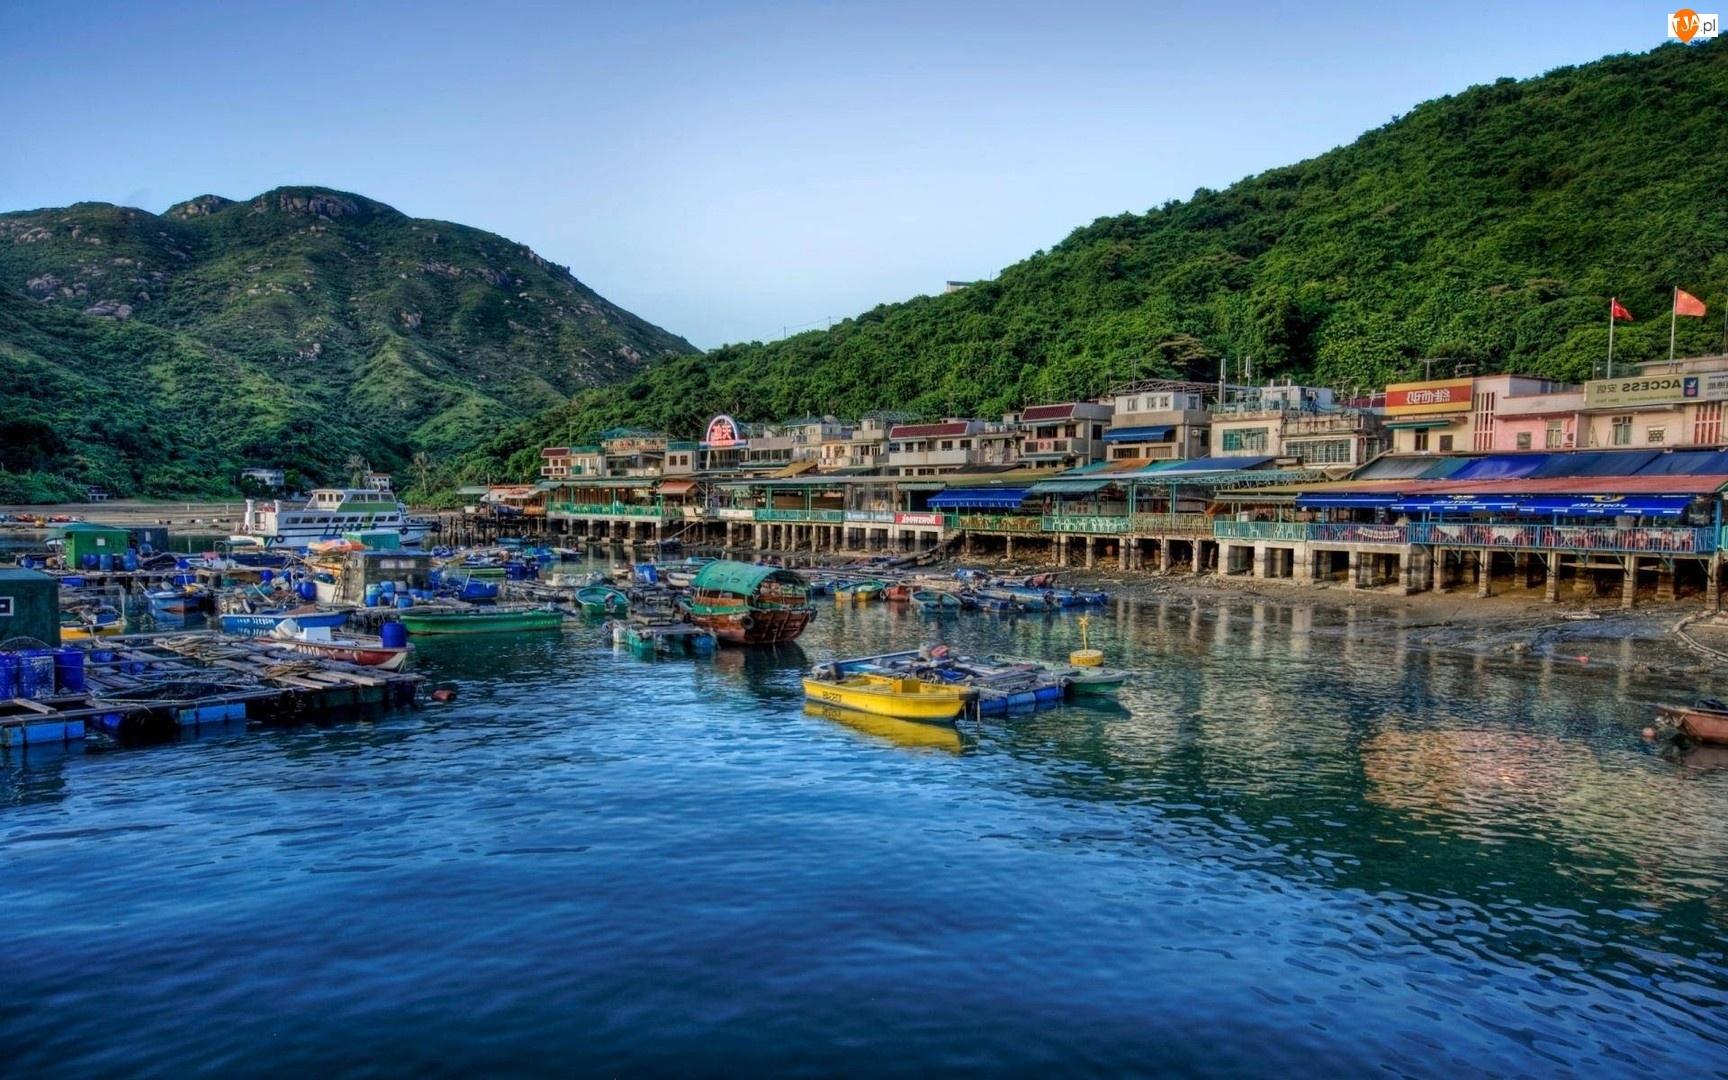 Domy, Morze, Wyspa, Hong Kong, Łódki, Lamma, Las